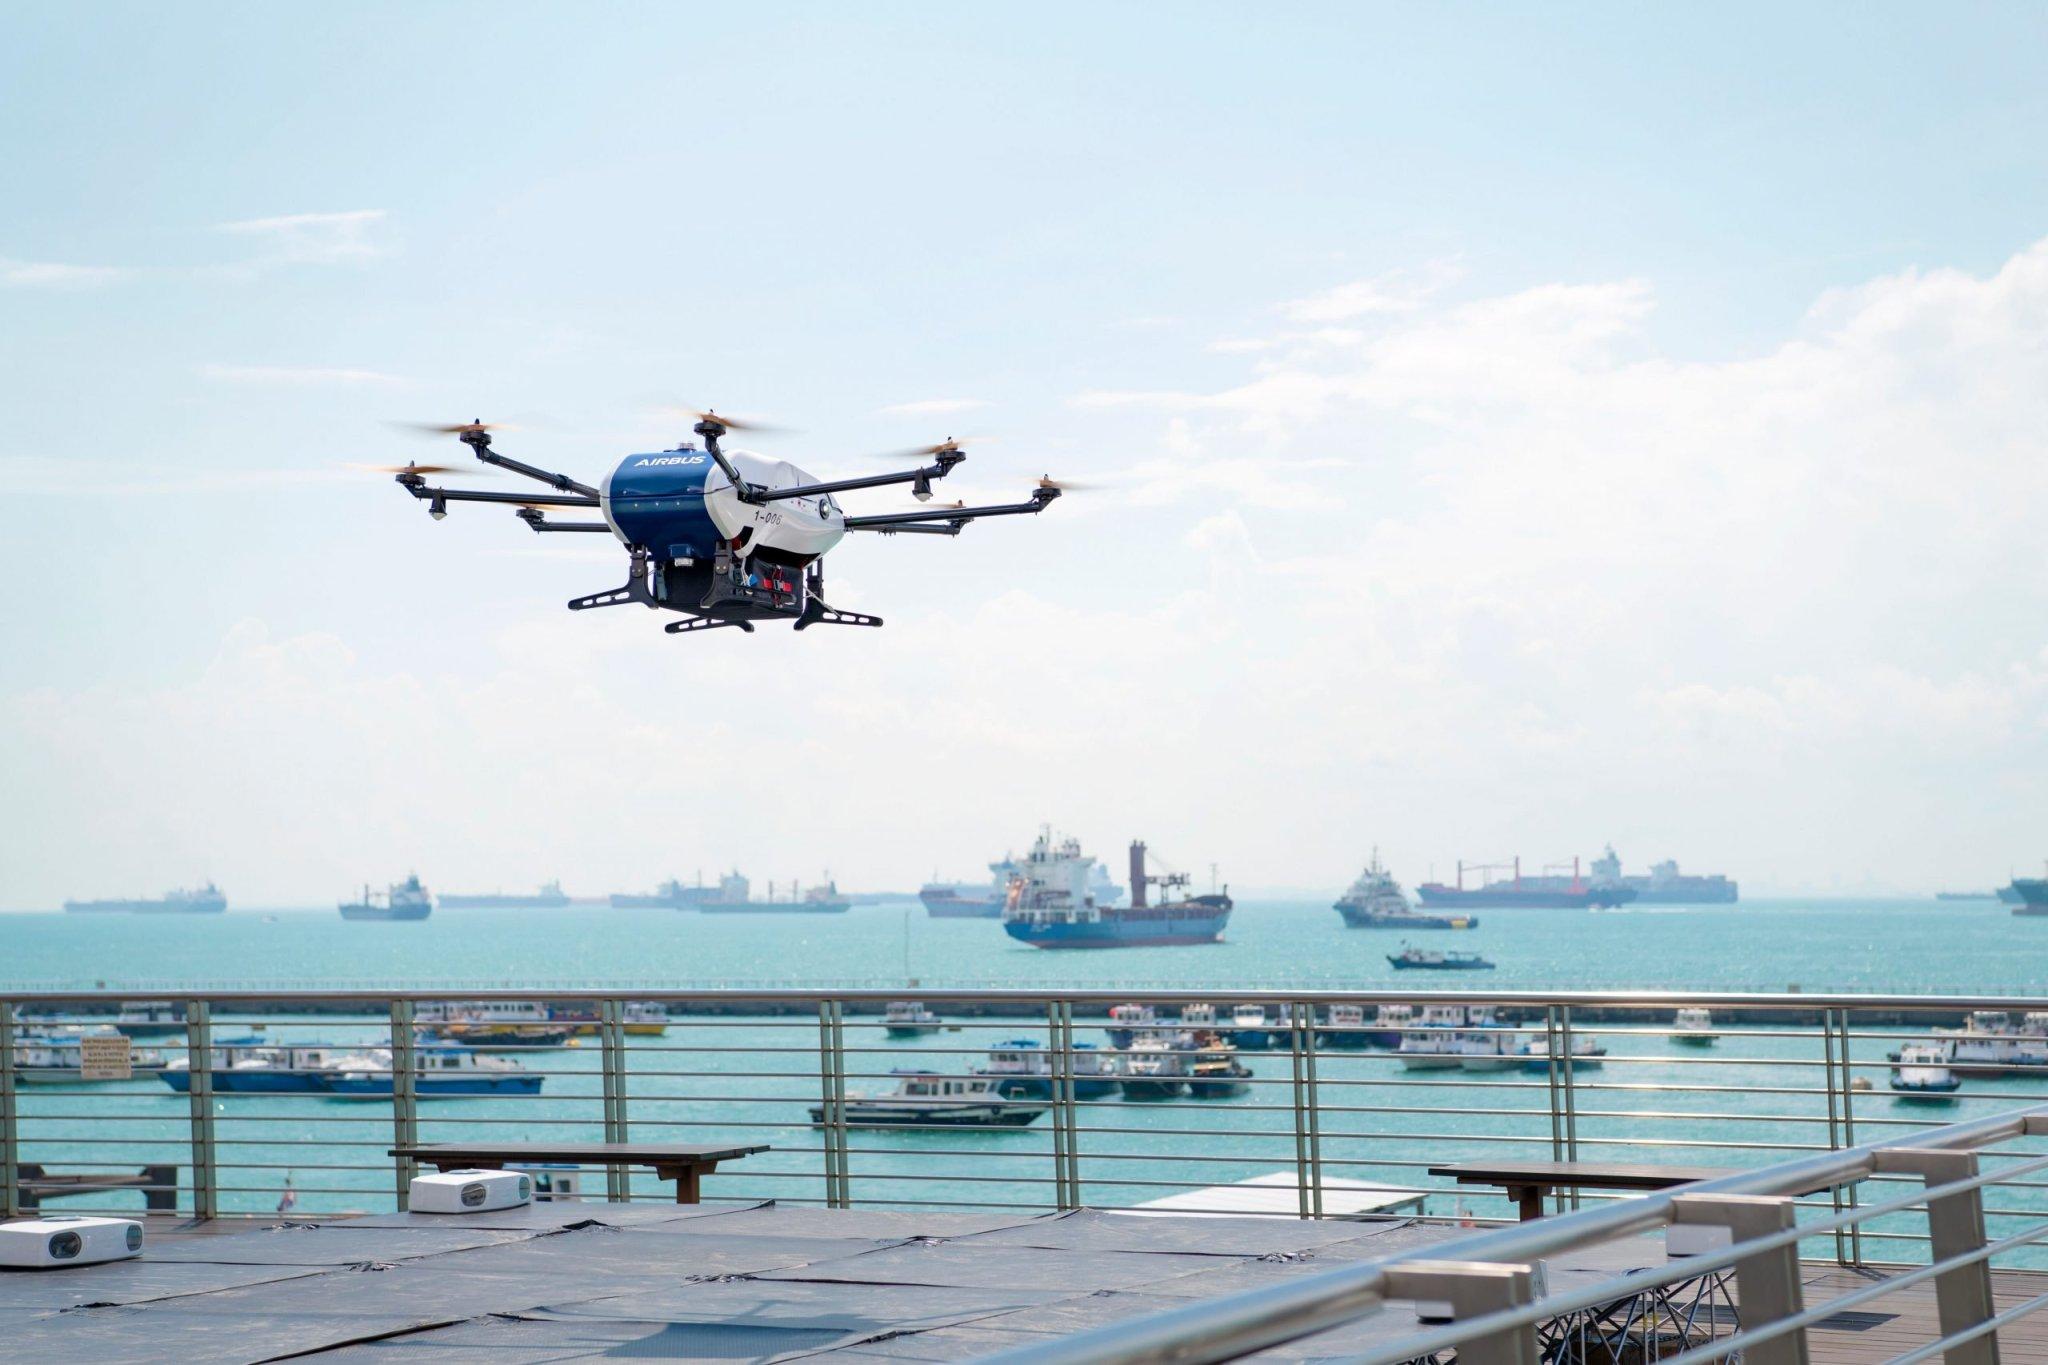 Lastendrohnen transportieren eilige Dokumente zwischen Schiffen und Festland